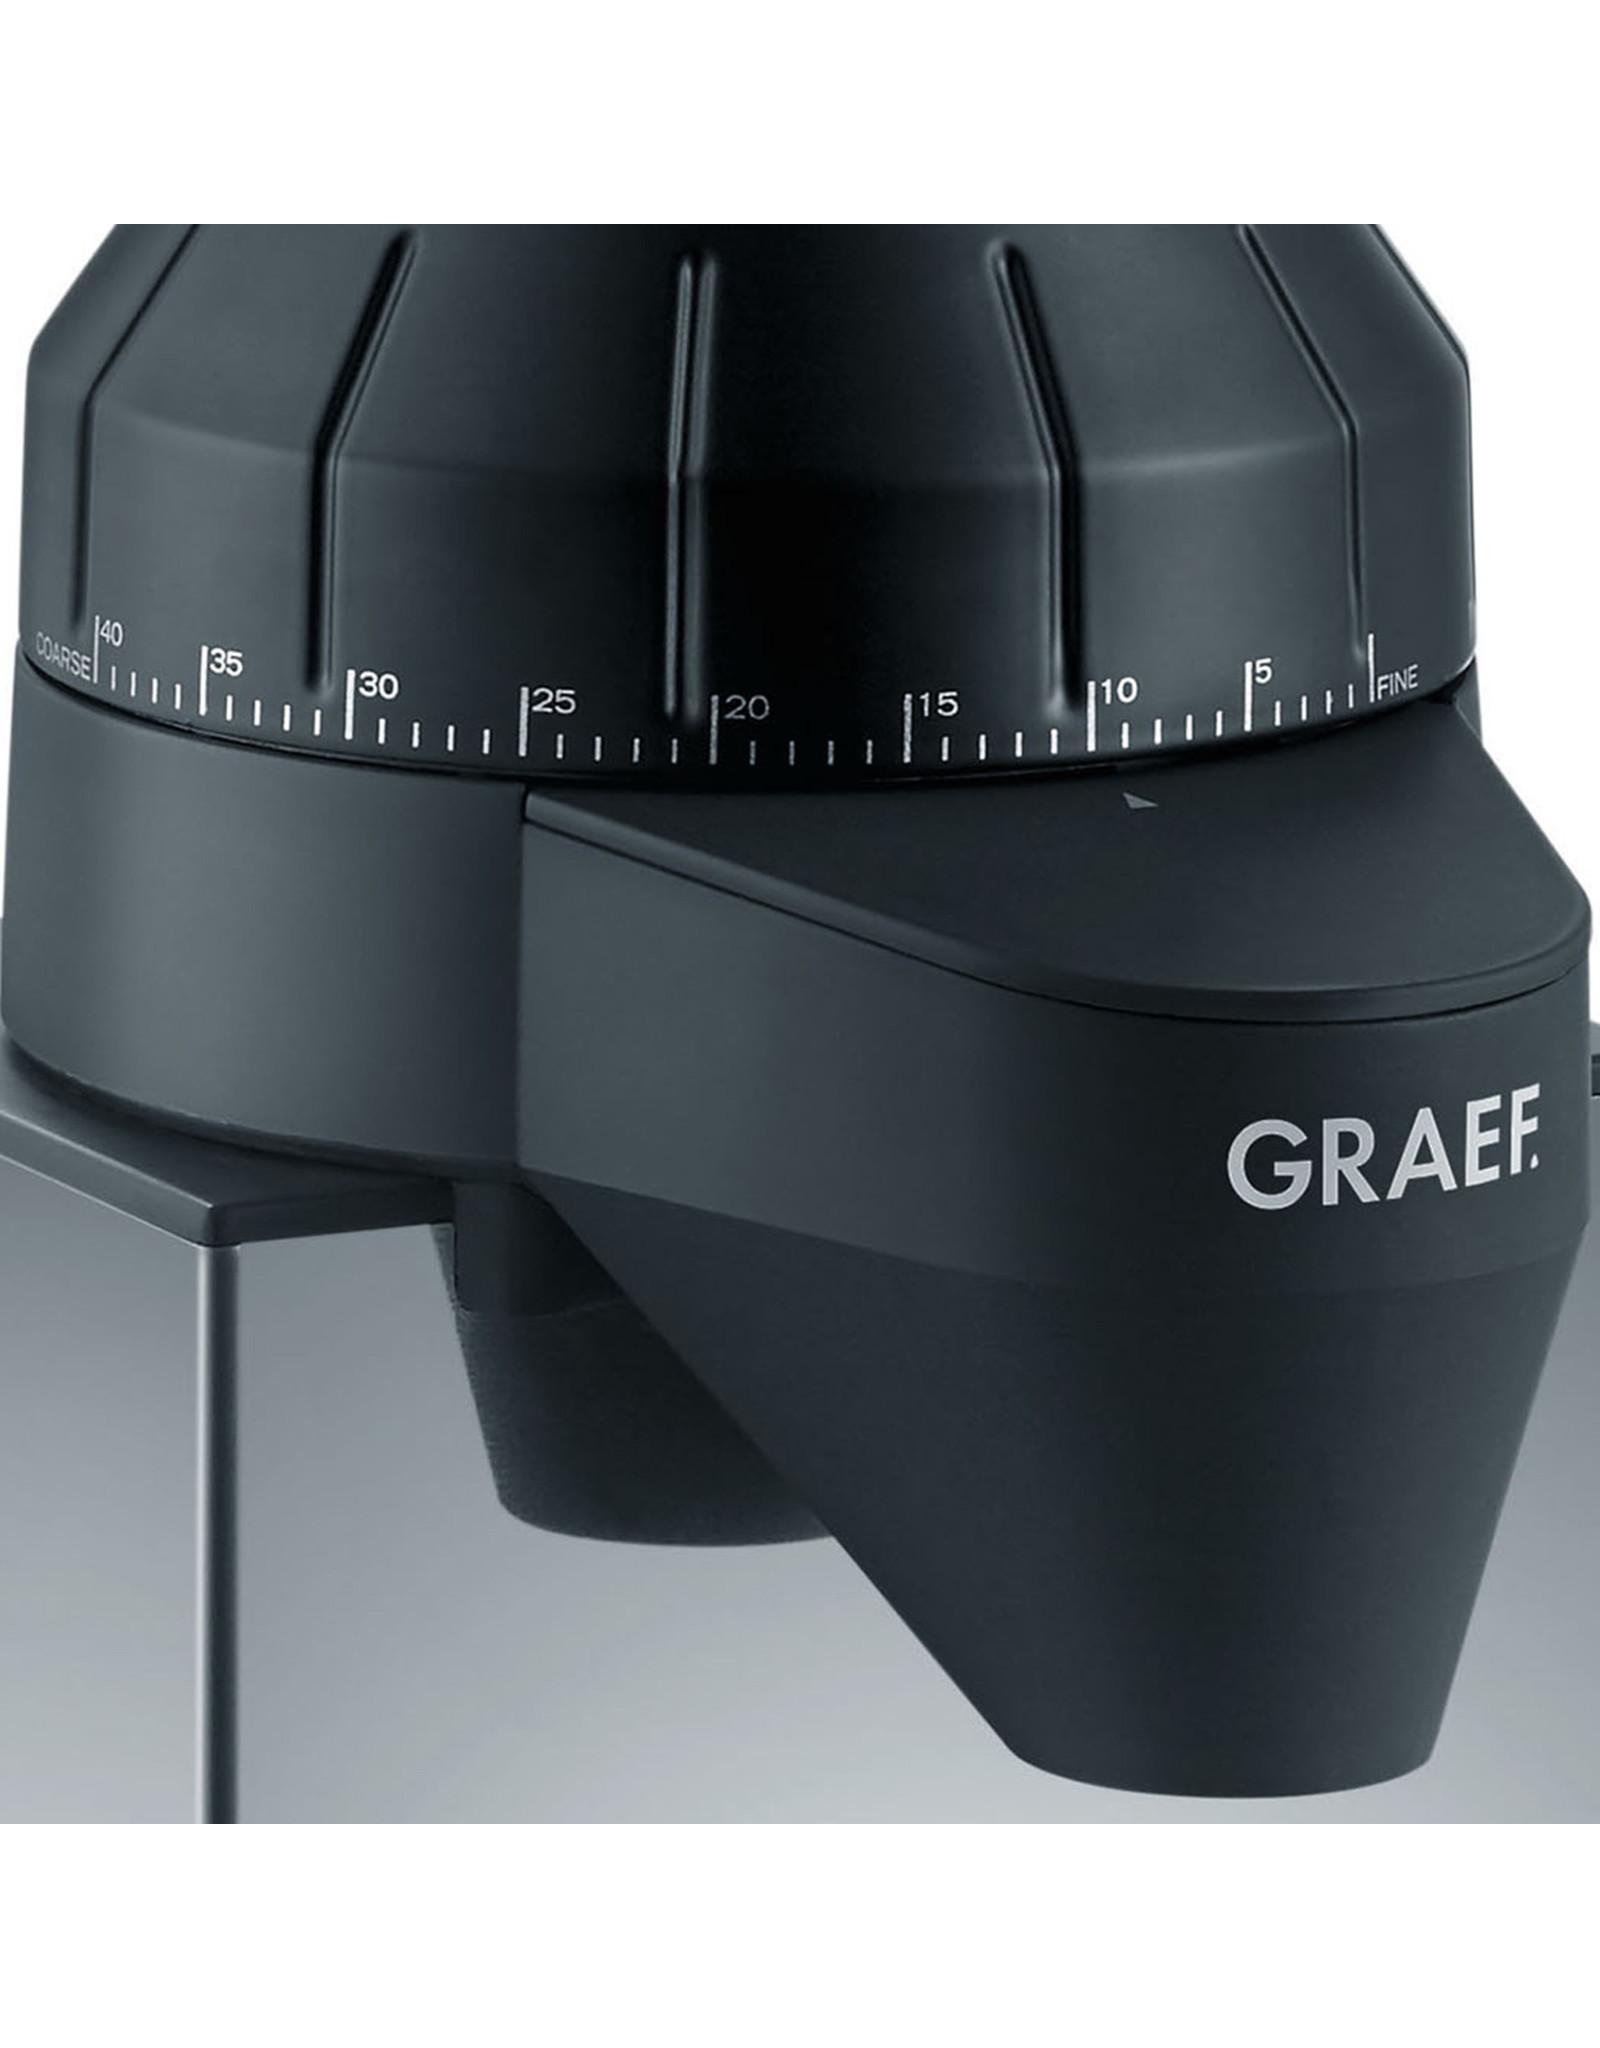 GRAEF GRAEF 45820 CM820 KOFFIEMOLEN